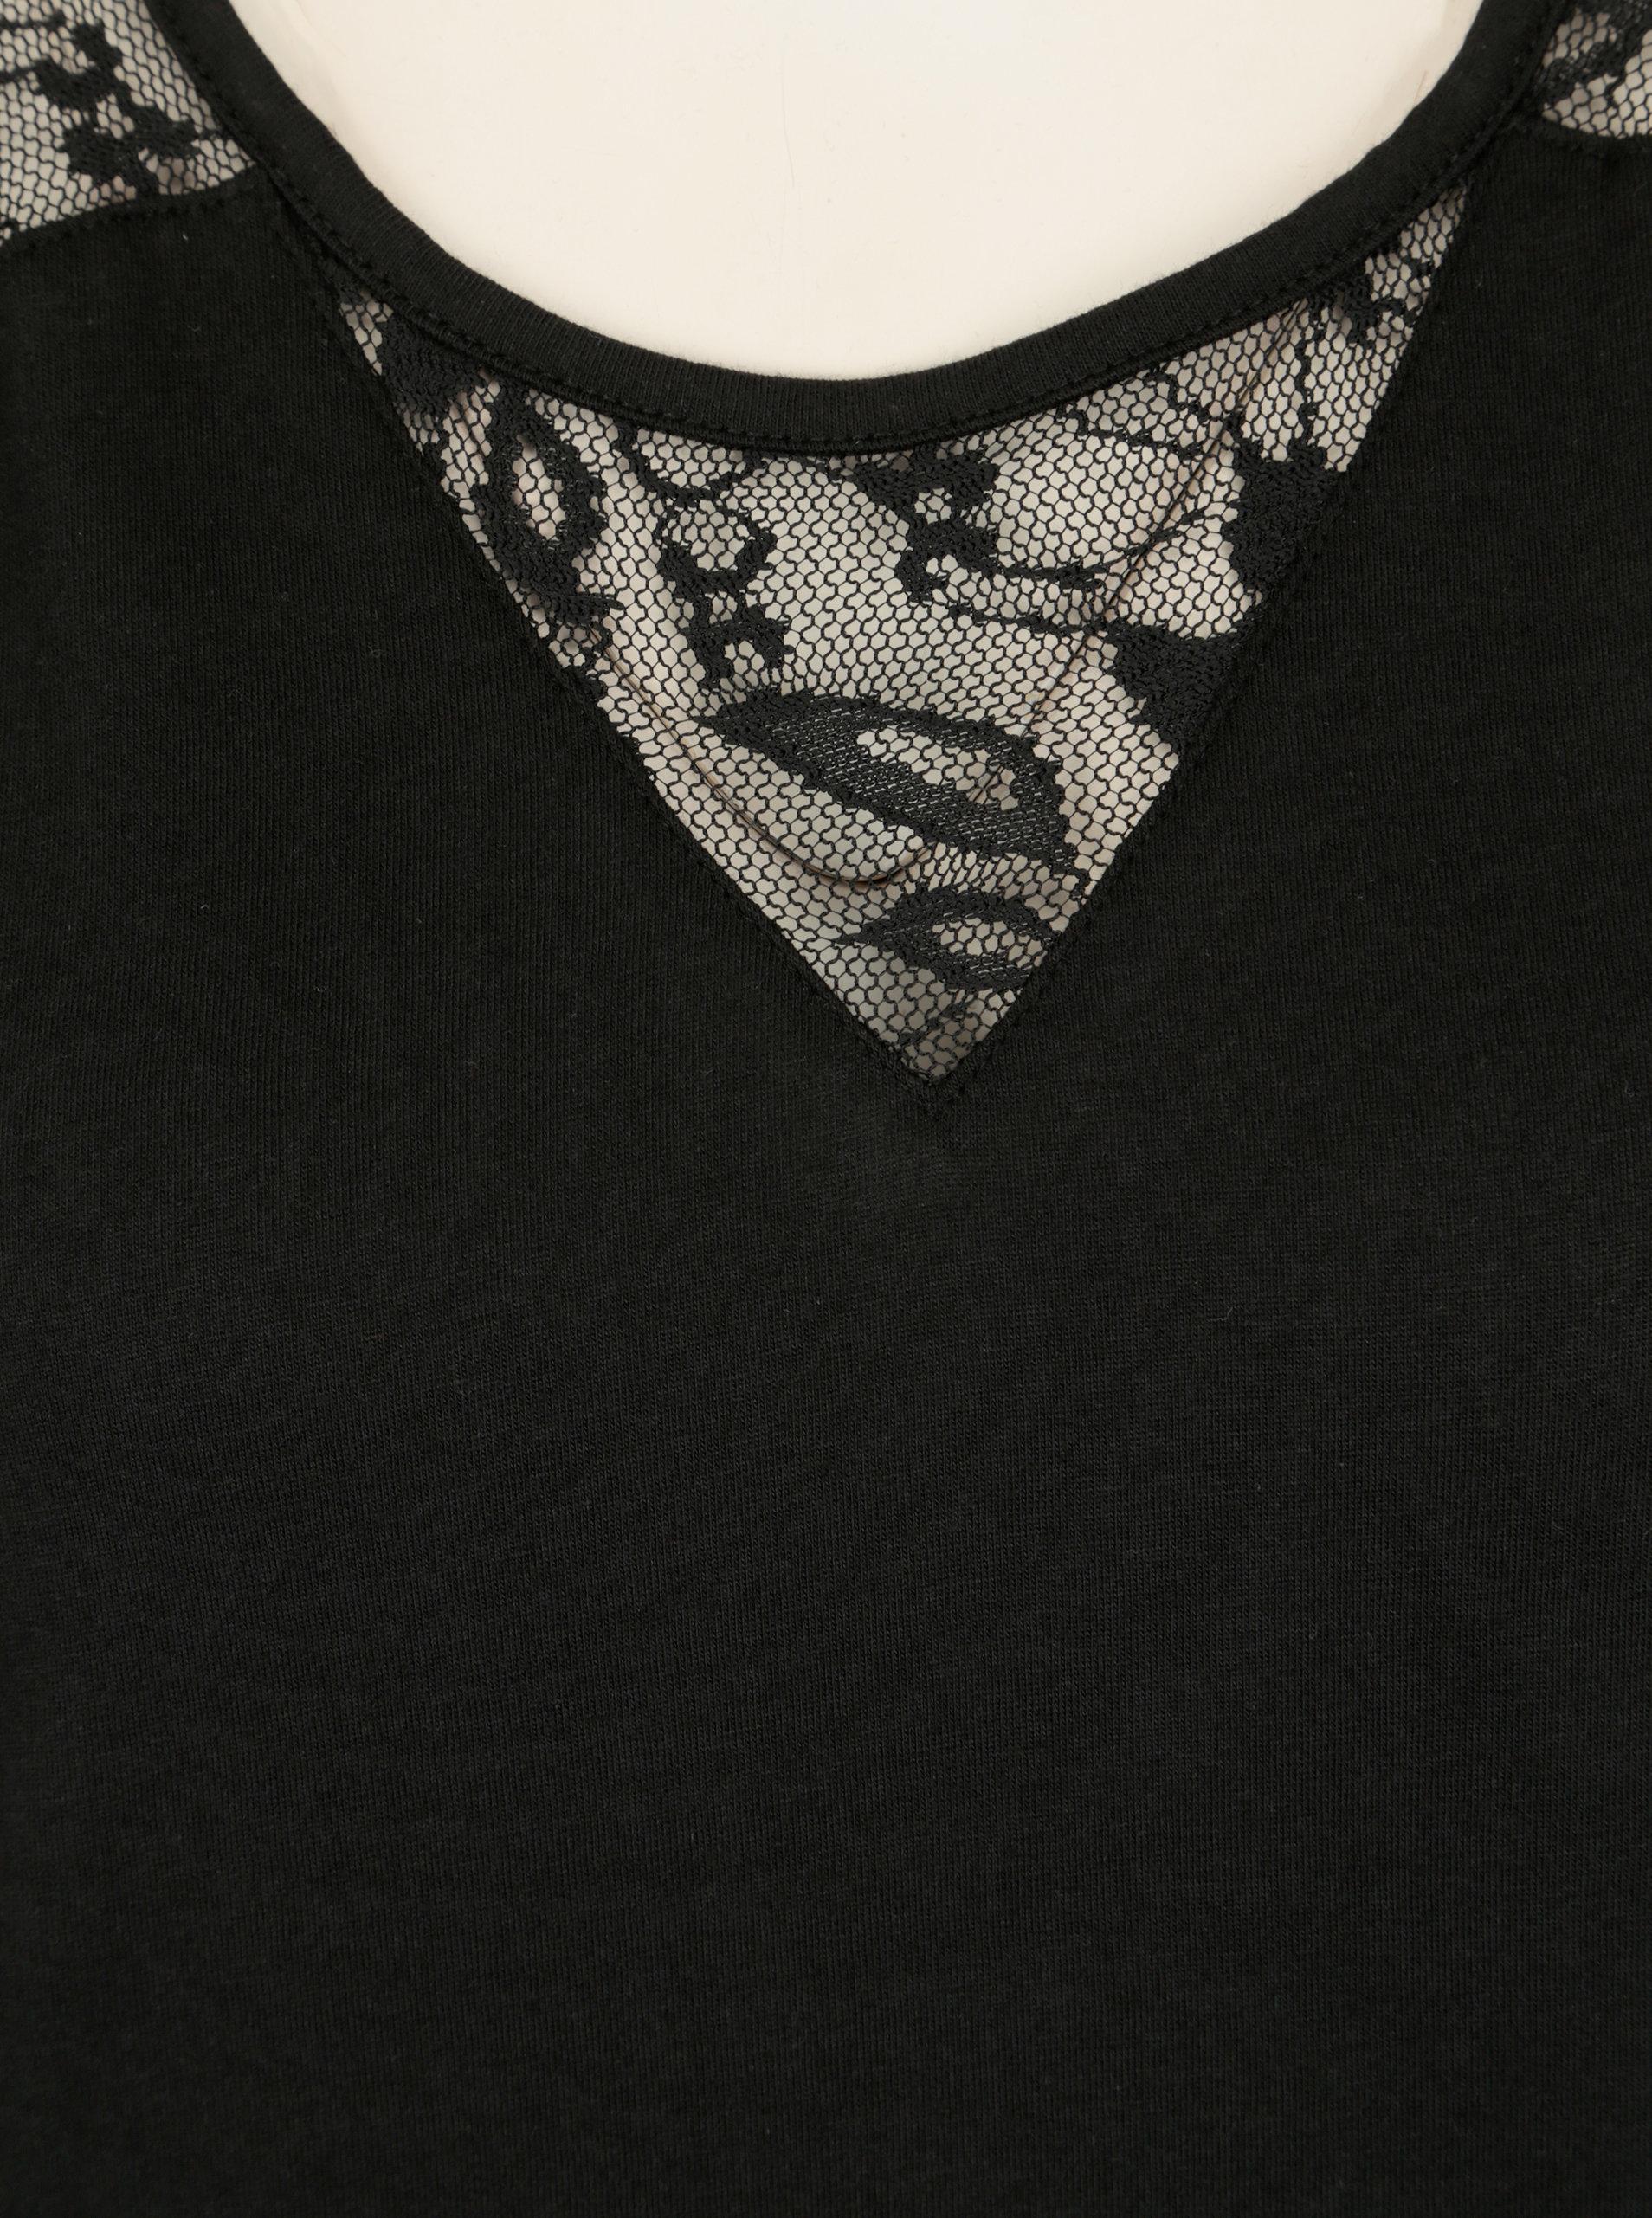 Čierne šaty s čipkou na chrbte Cars Louisia ... 93fb7f29918